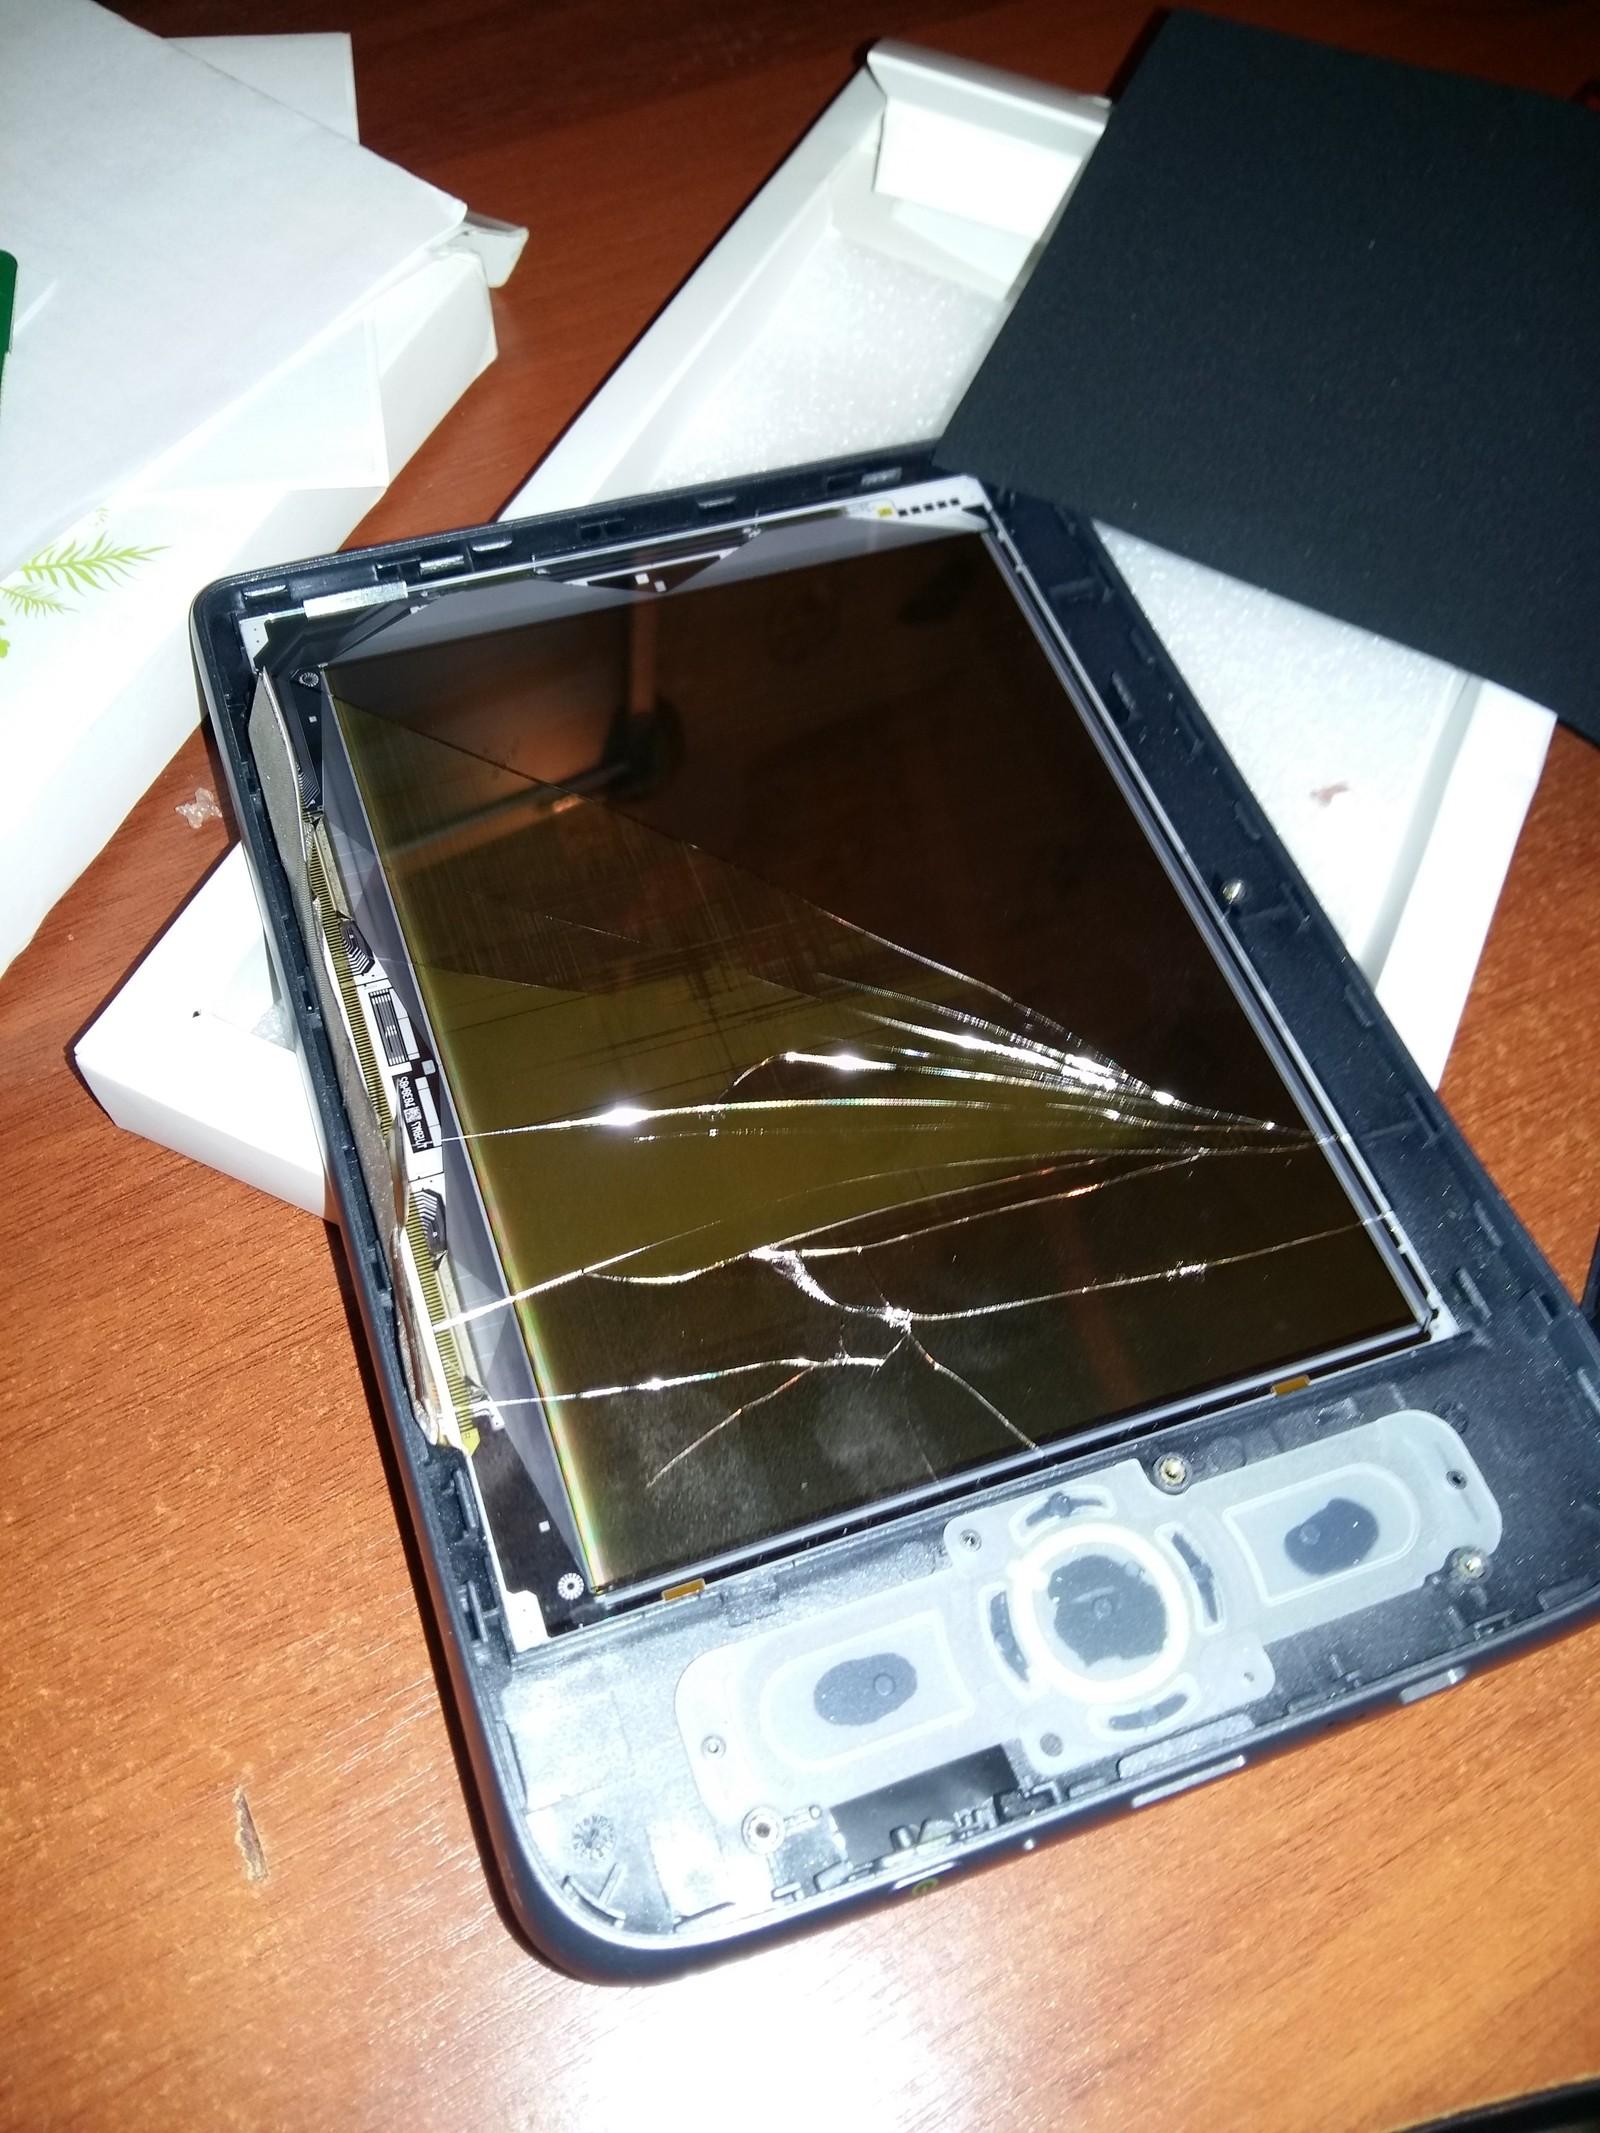 Ремонт электронной книги иркутск - ремонт в Москве ремонт утопленного мобильника восстановление карты памяти телефона киев